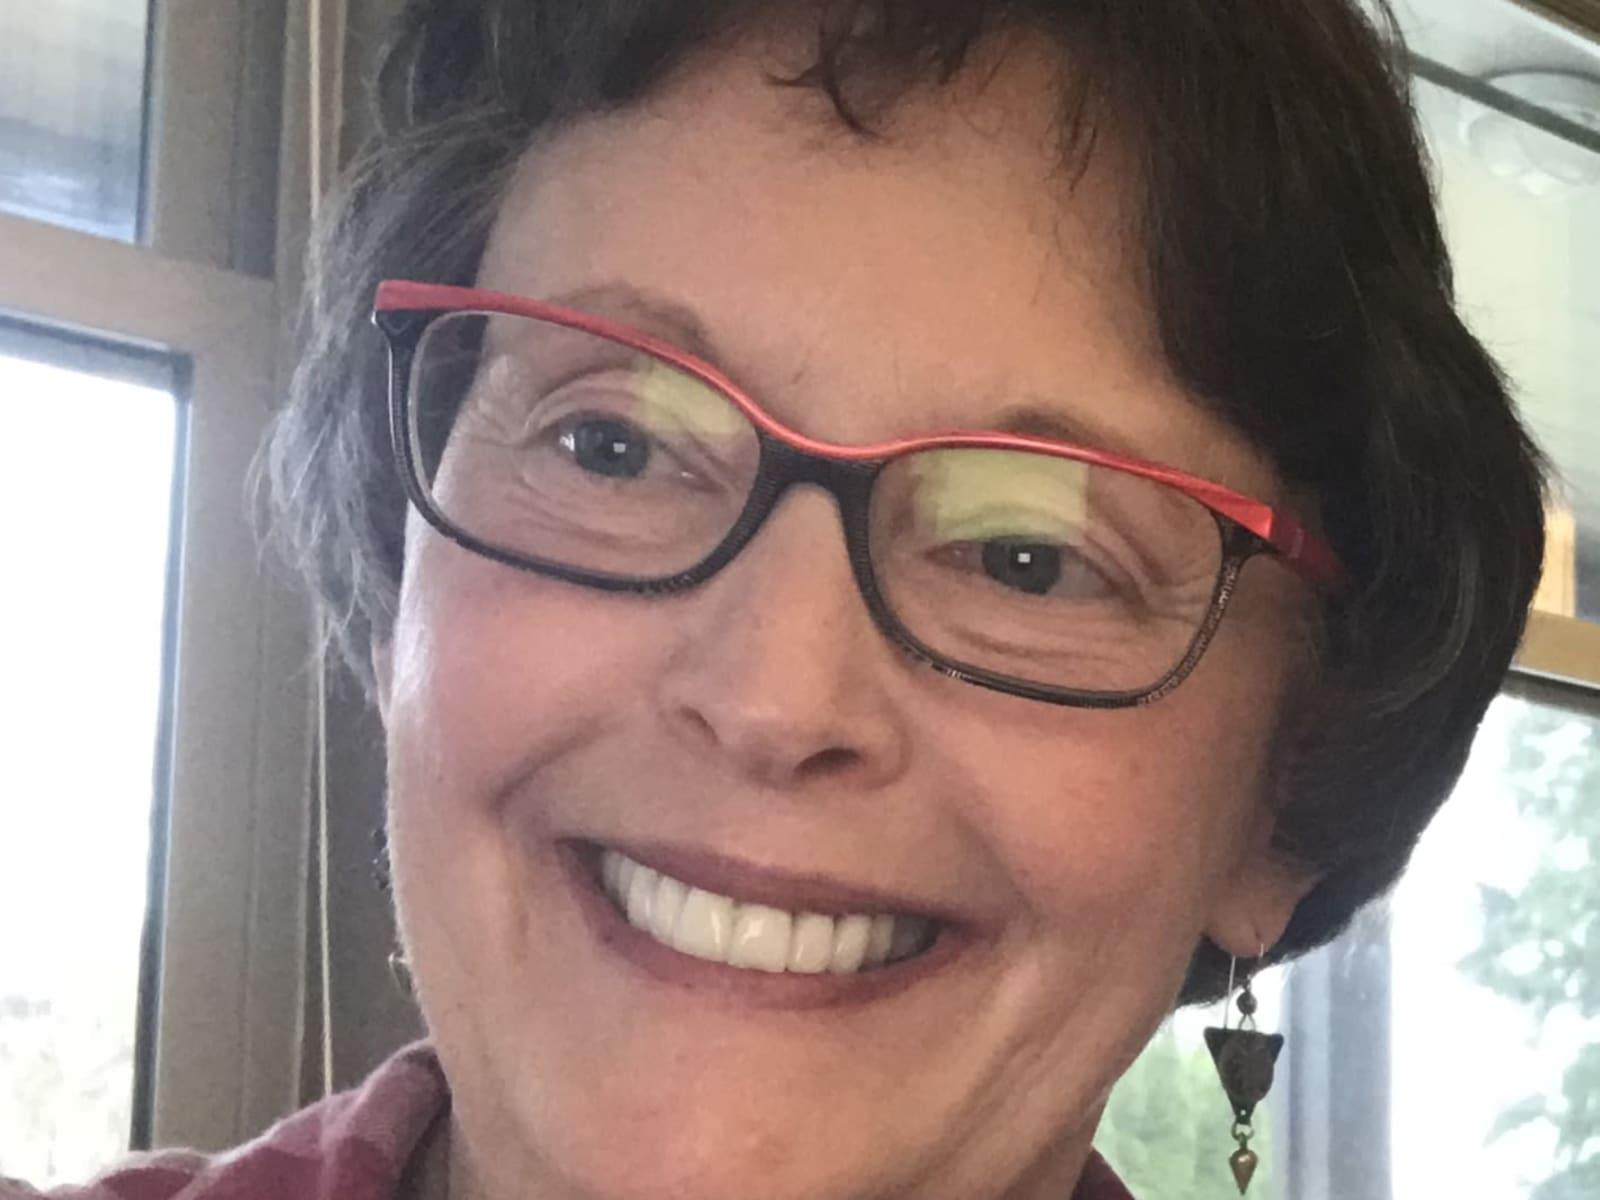 Nancy from Sequim, Washington, United States